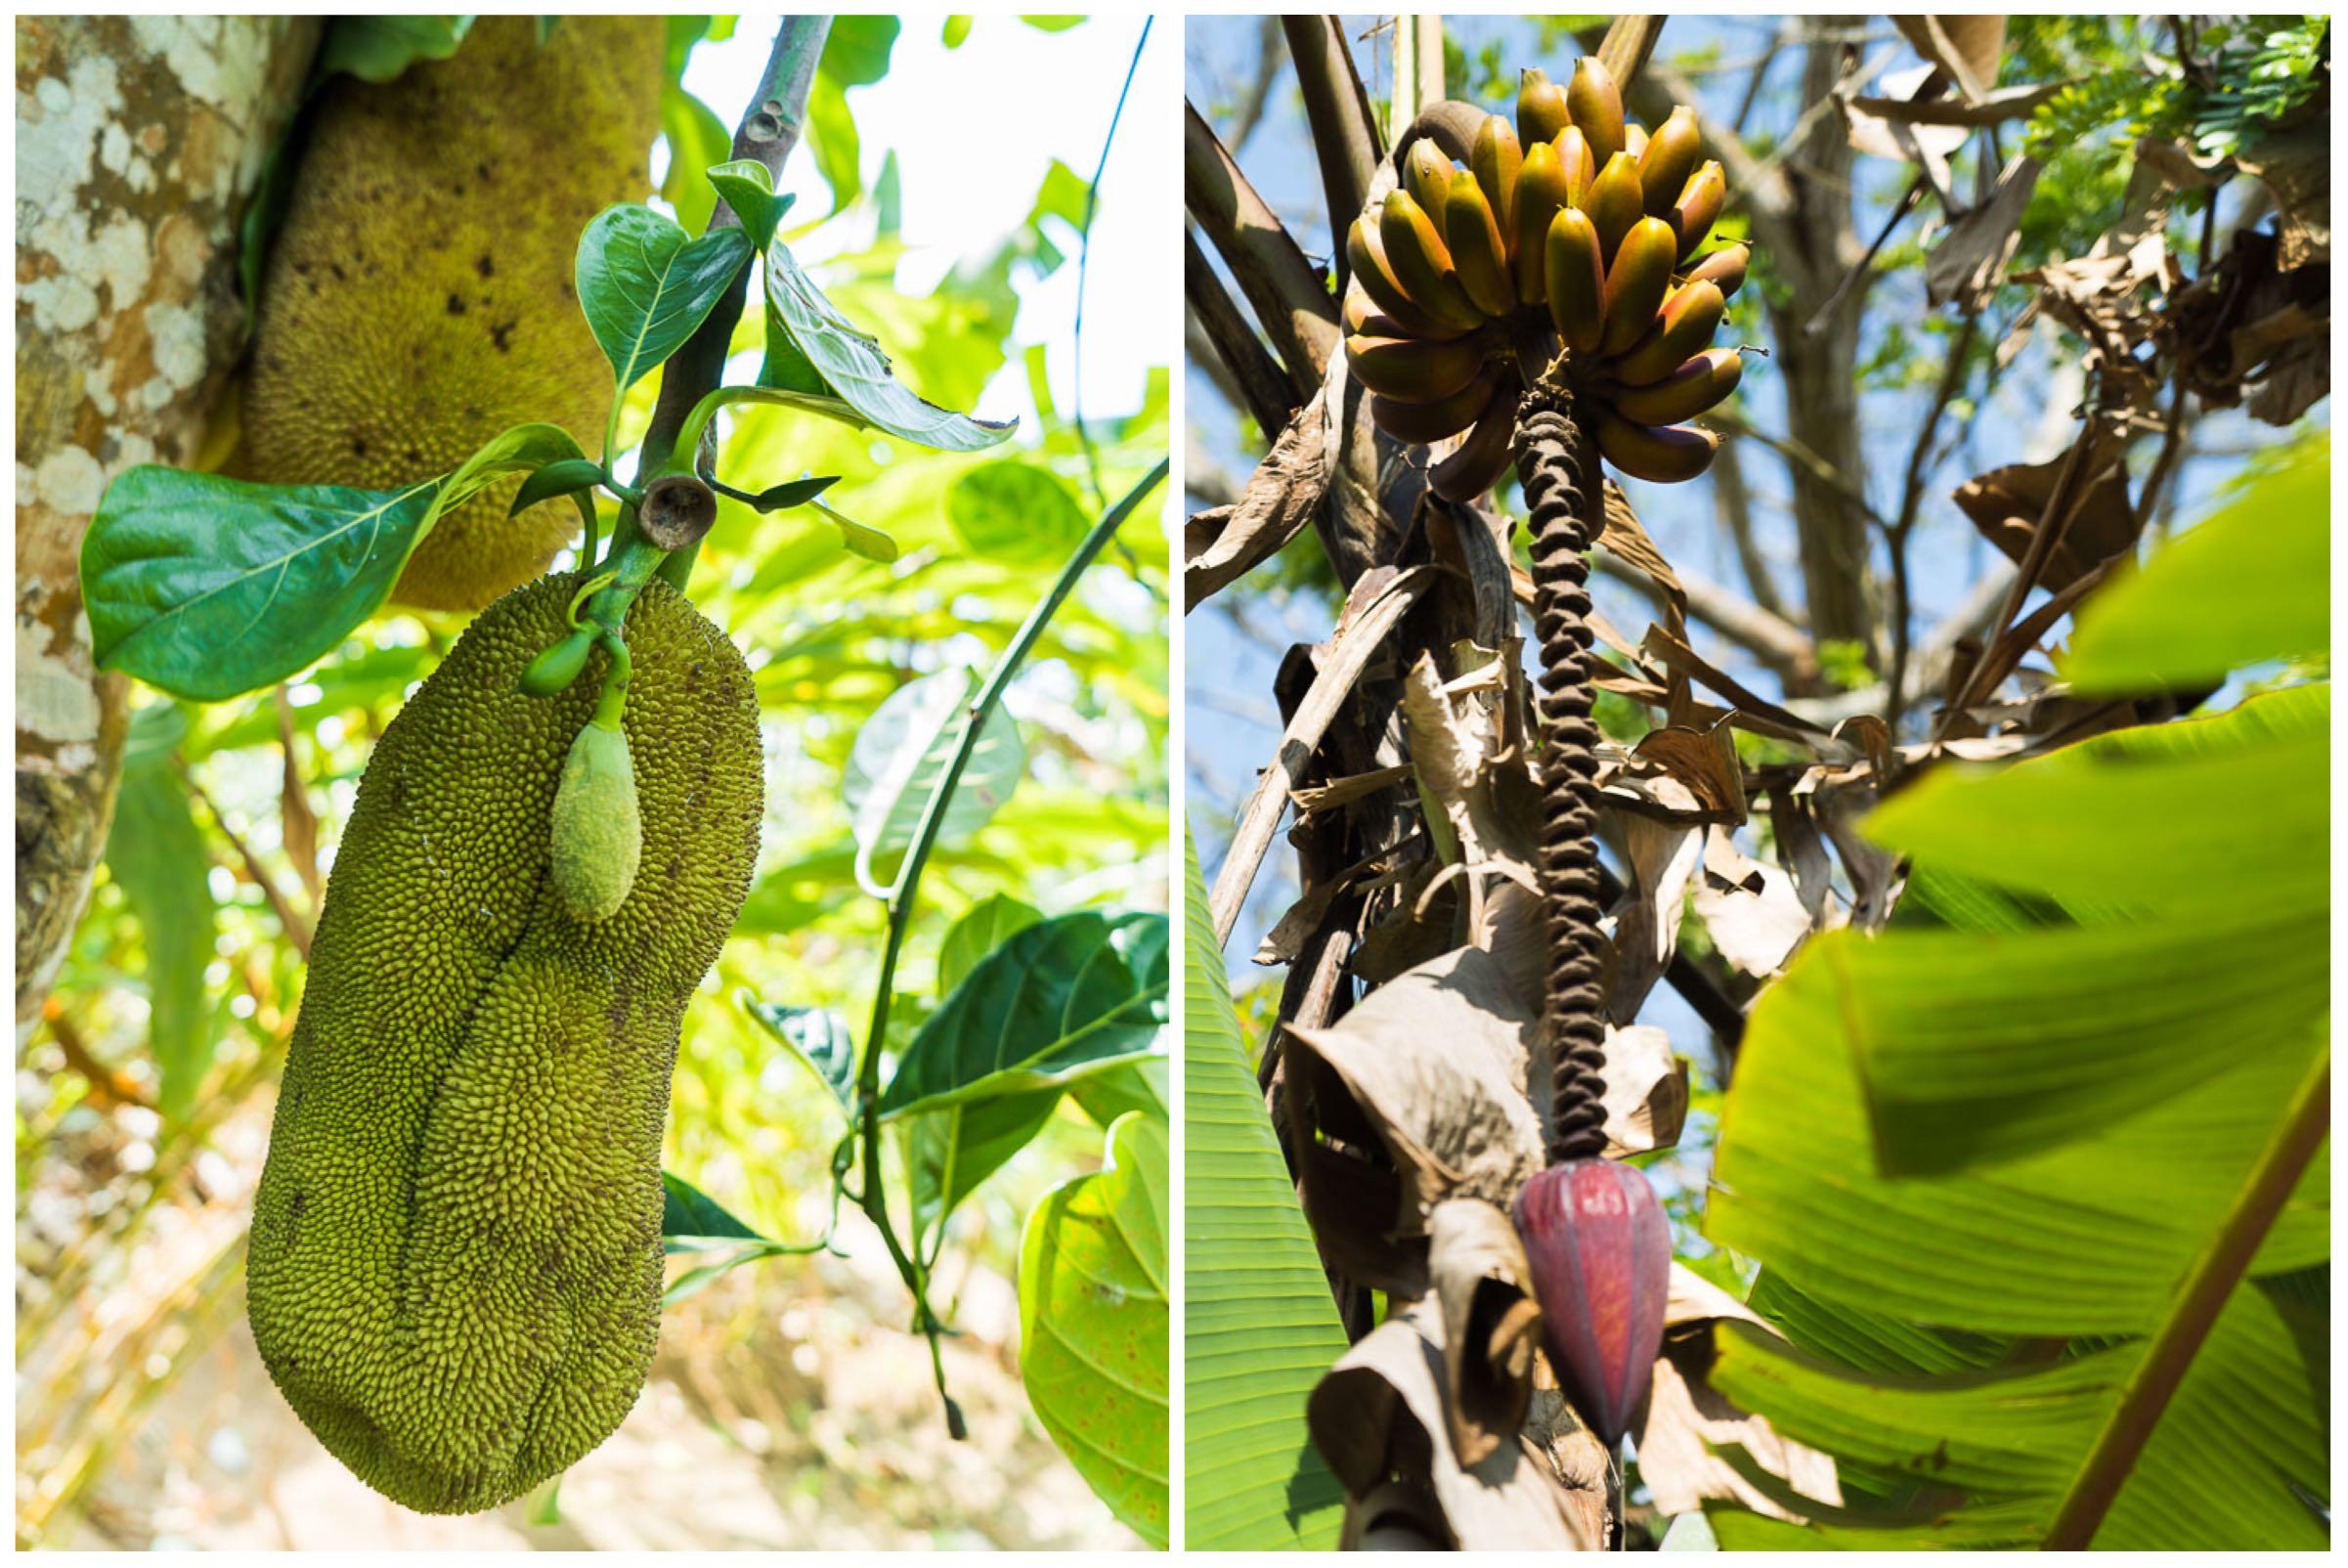 Zanzibar Spice Farm Jackfruit Banana